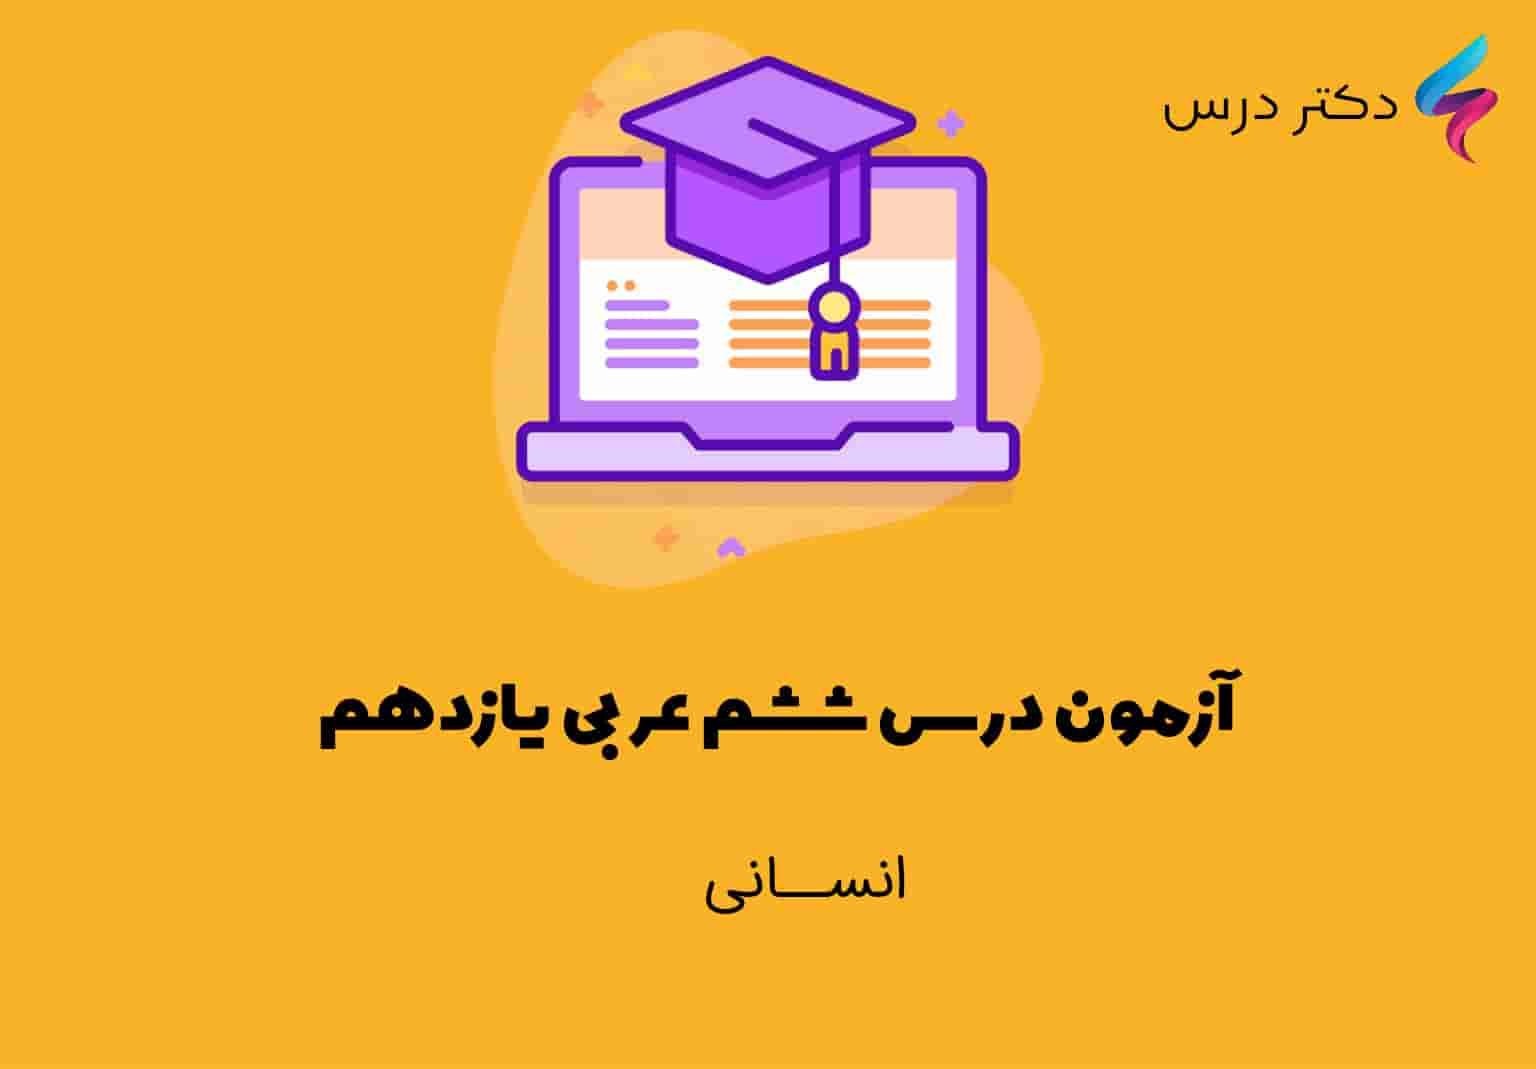 آزمون درس ششم عربی یازدهم انسانی